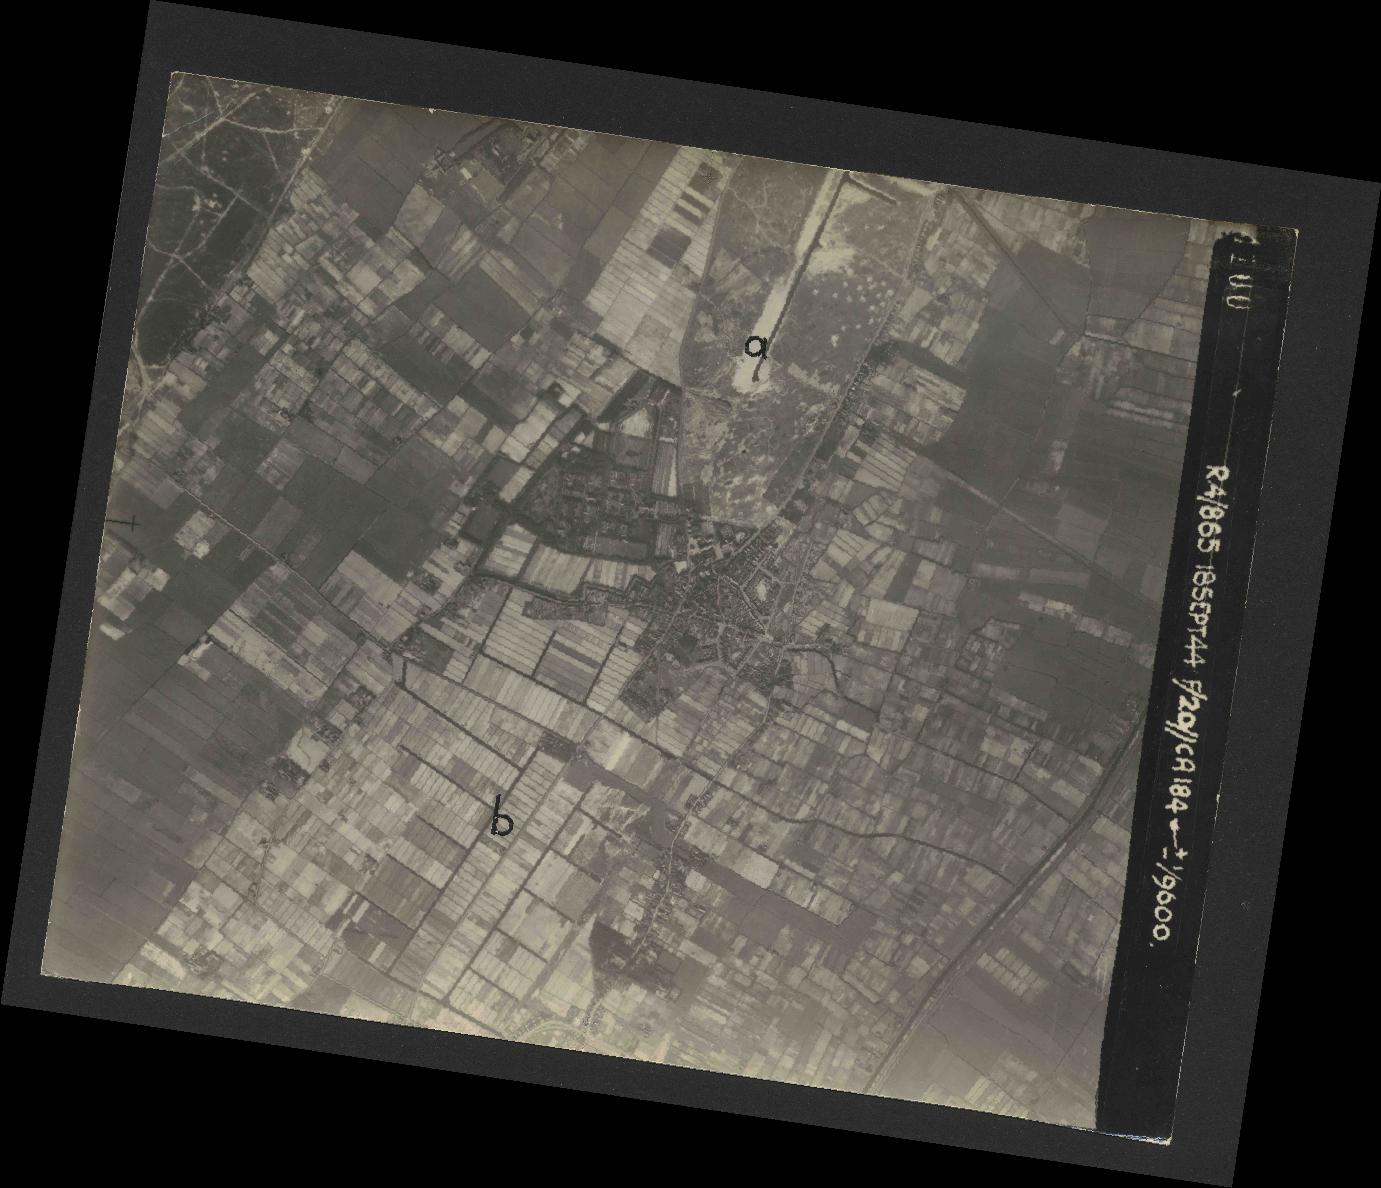 Collection RAF aerial photos 1940-1945 - flight 280, run 10, photo 4100